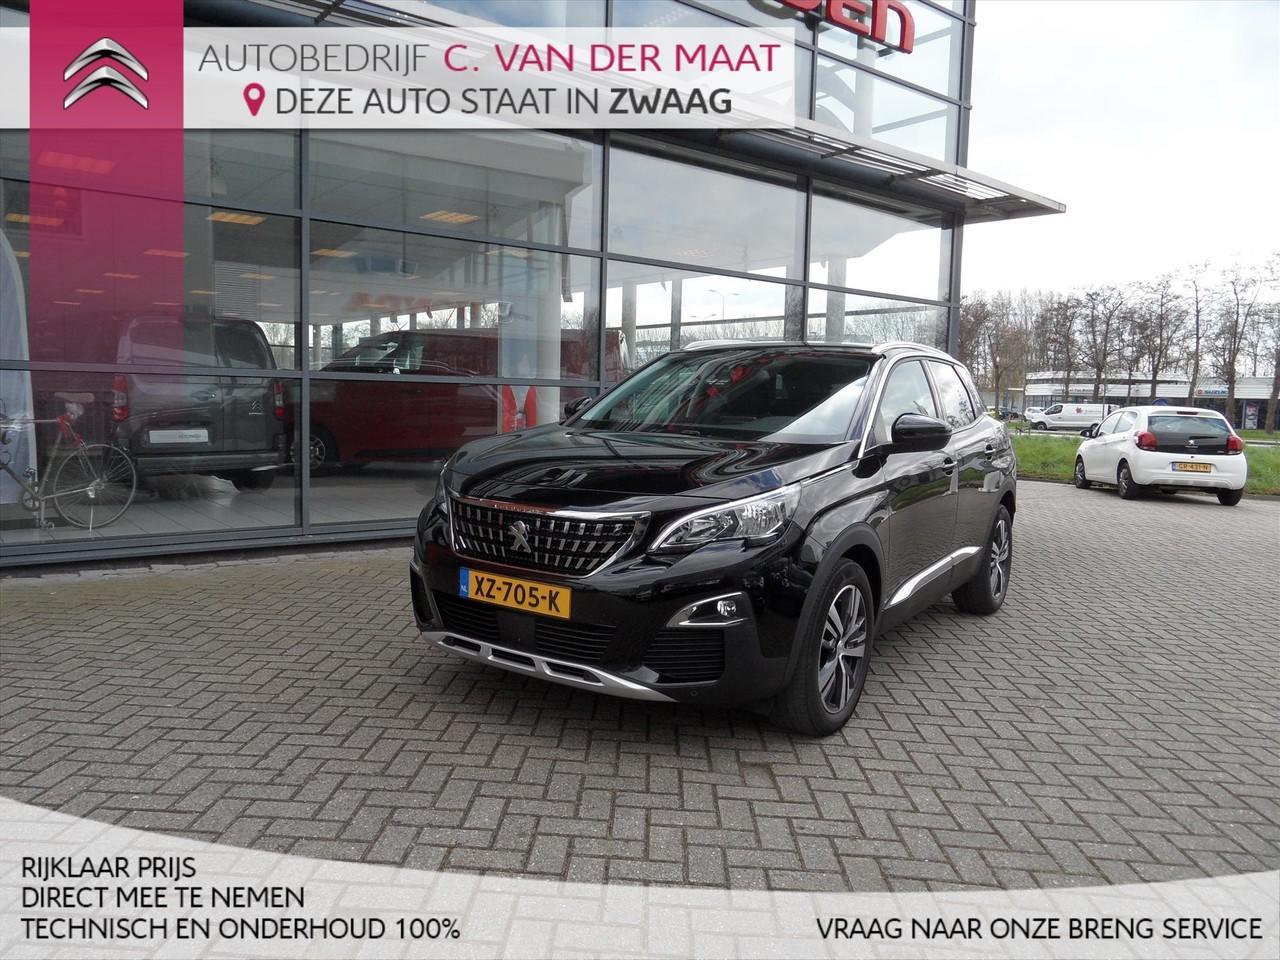 Peugeot 3008 1.2 130pk navigatie active rijklaar prijs